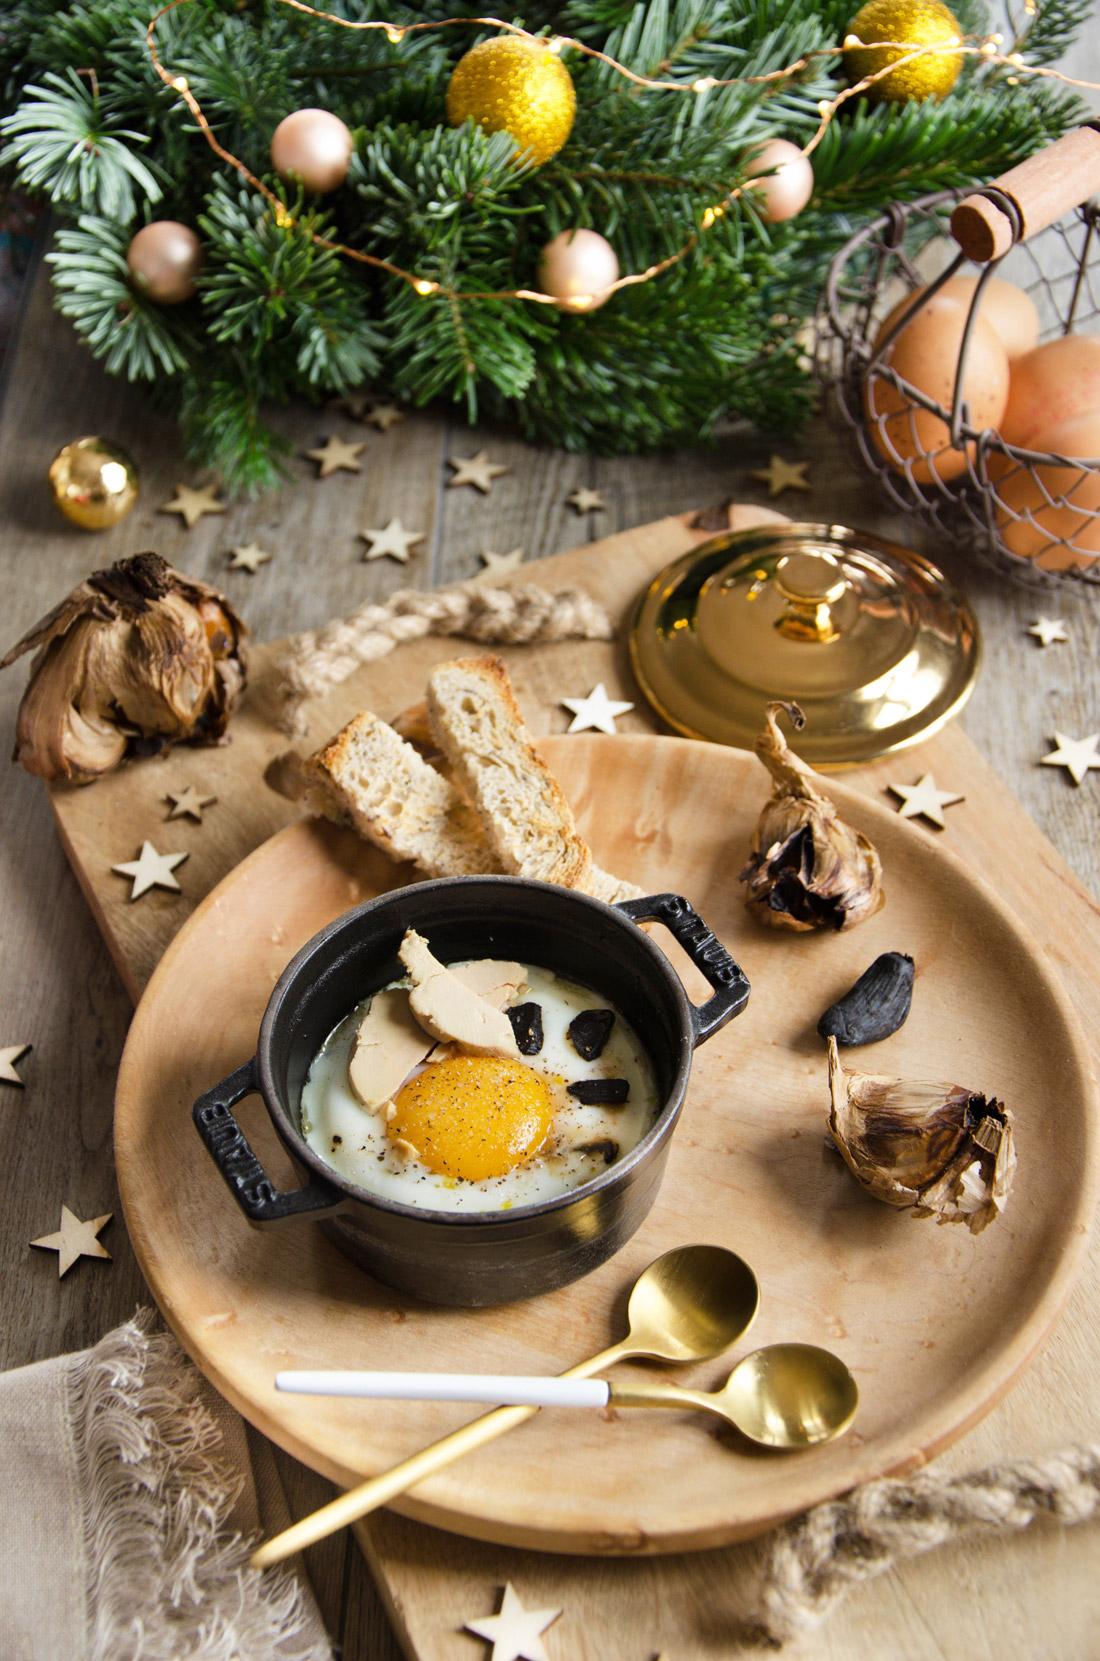 Recette d'oeuf cocotte foie gras ail noir pour les Fêtes